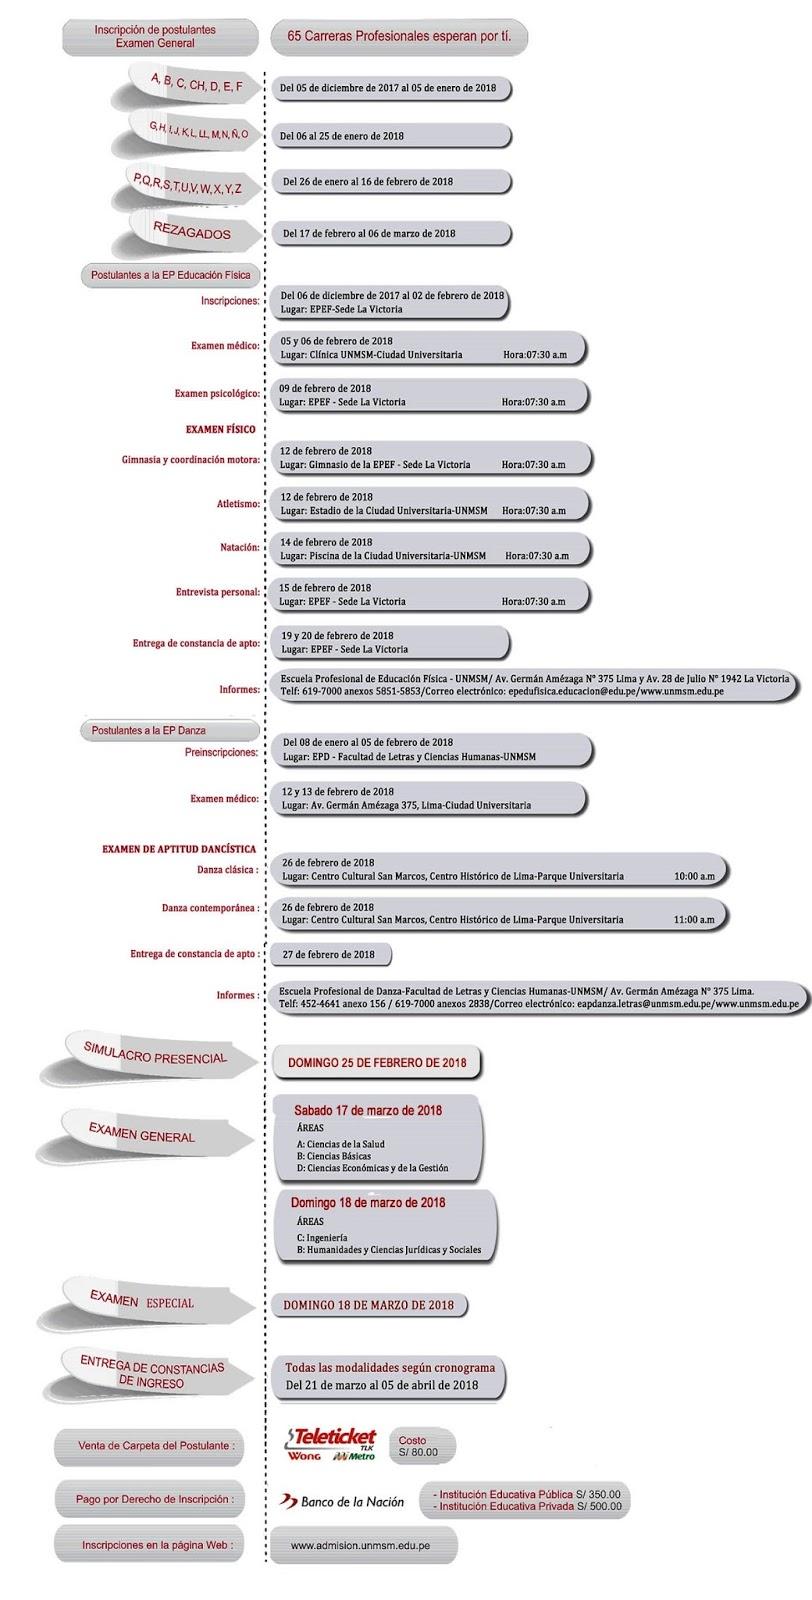 Cronograma de Admisión de la UNMSM 2018